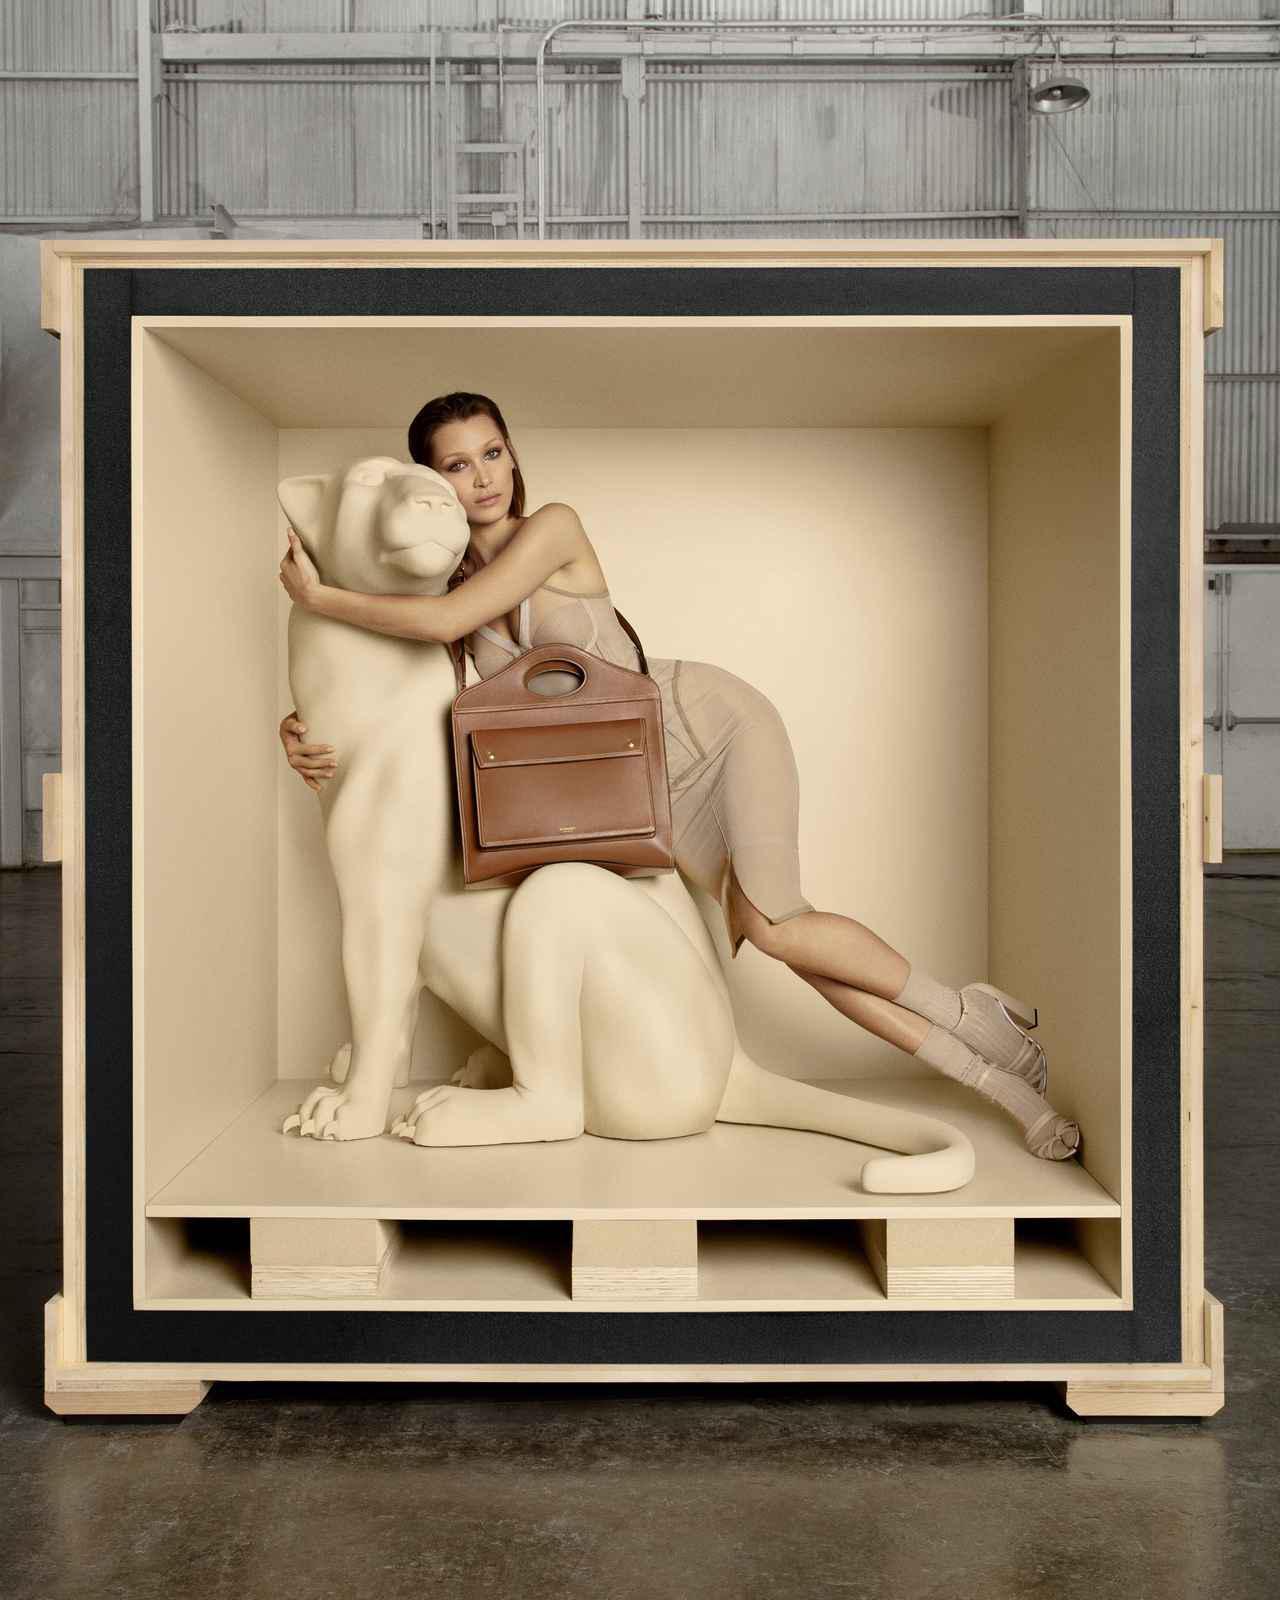 画像7: ベラ・ハディッドがバーバリーの広告塔に